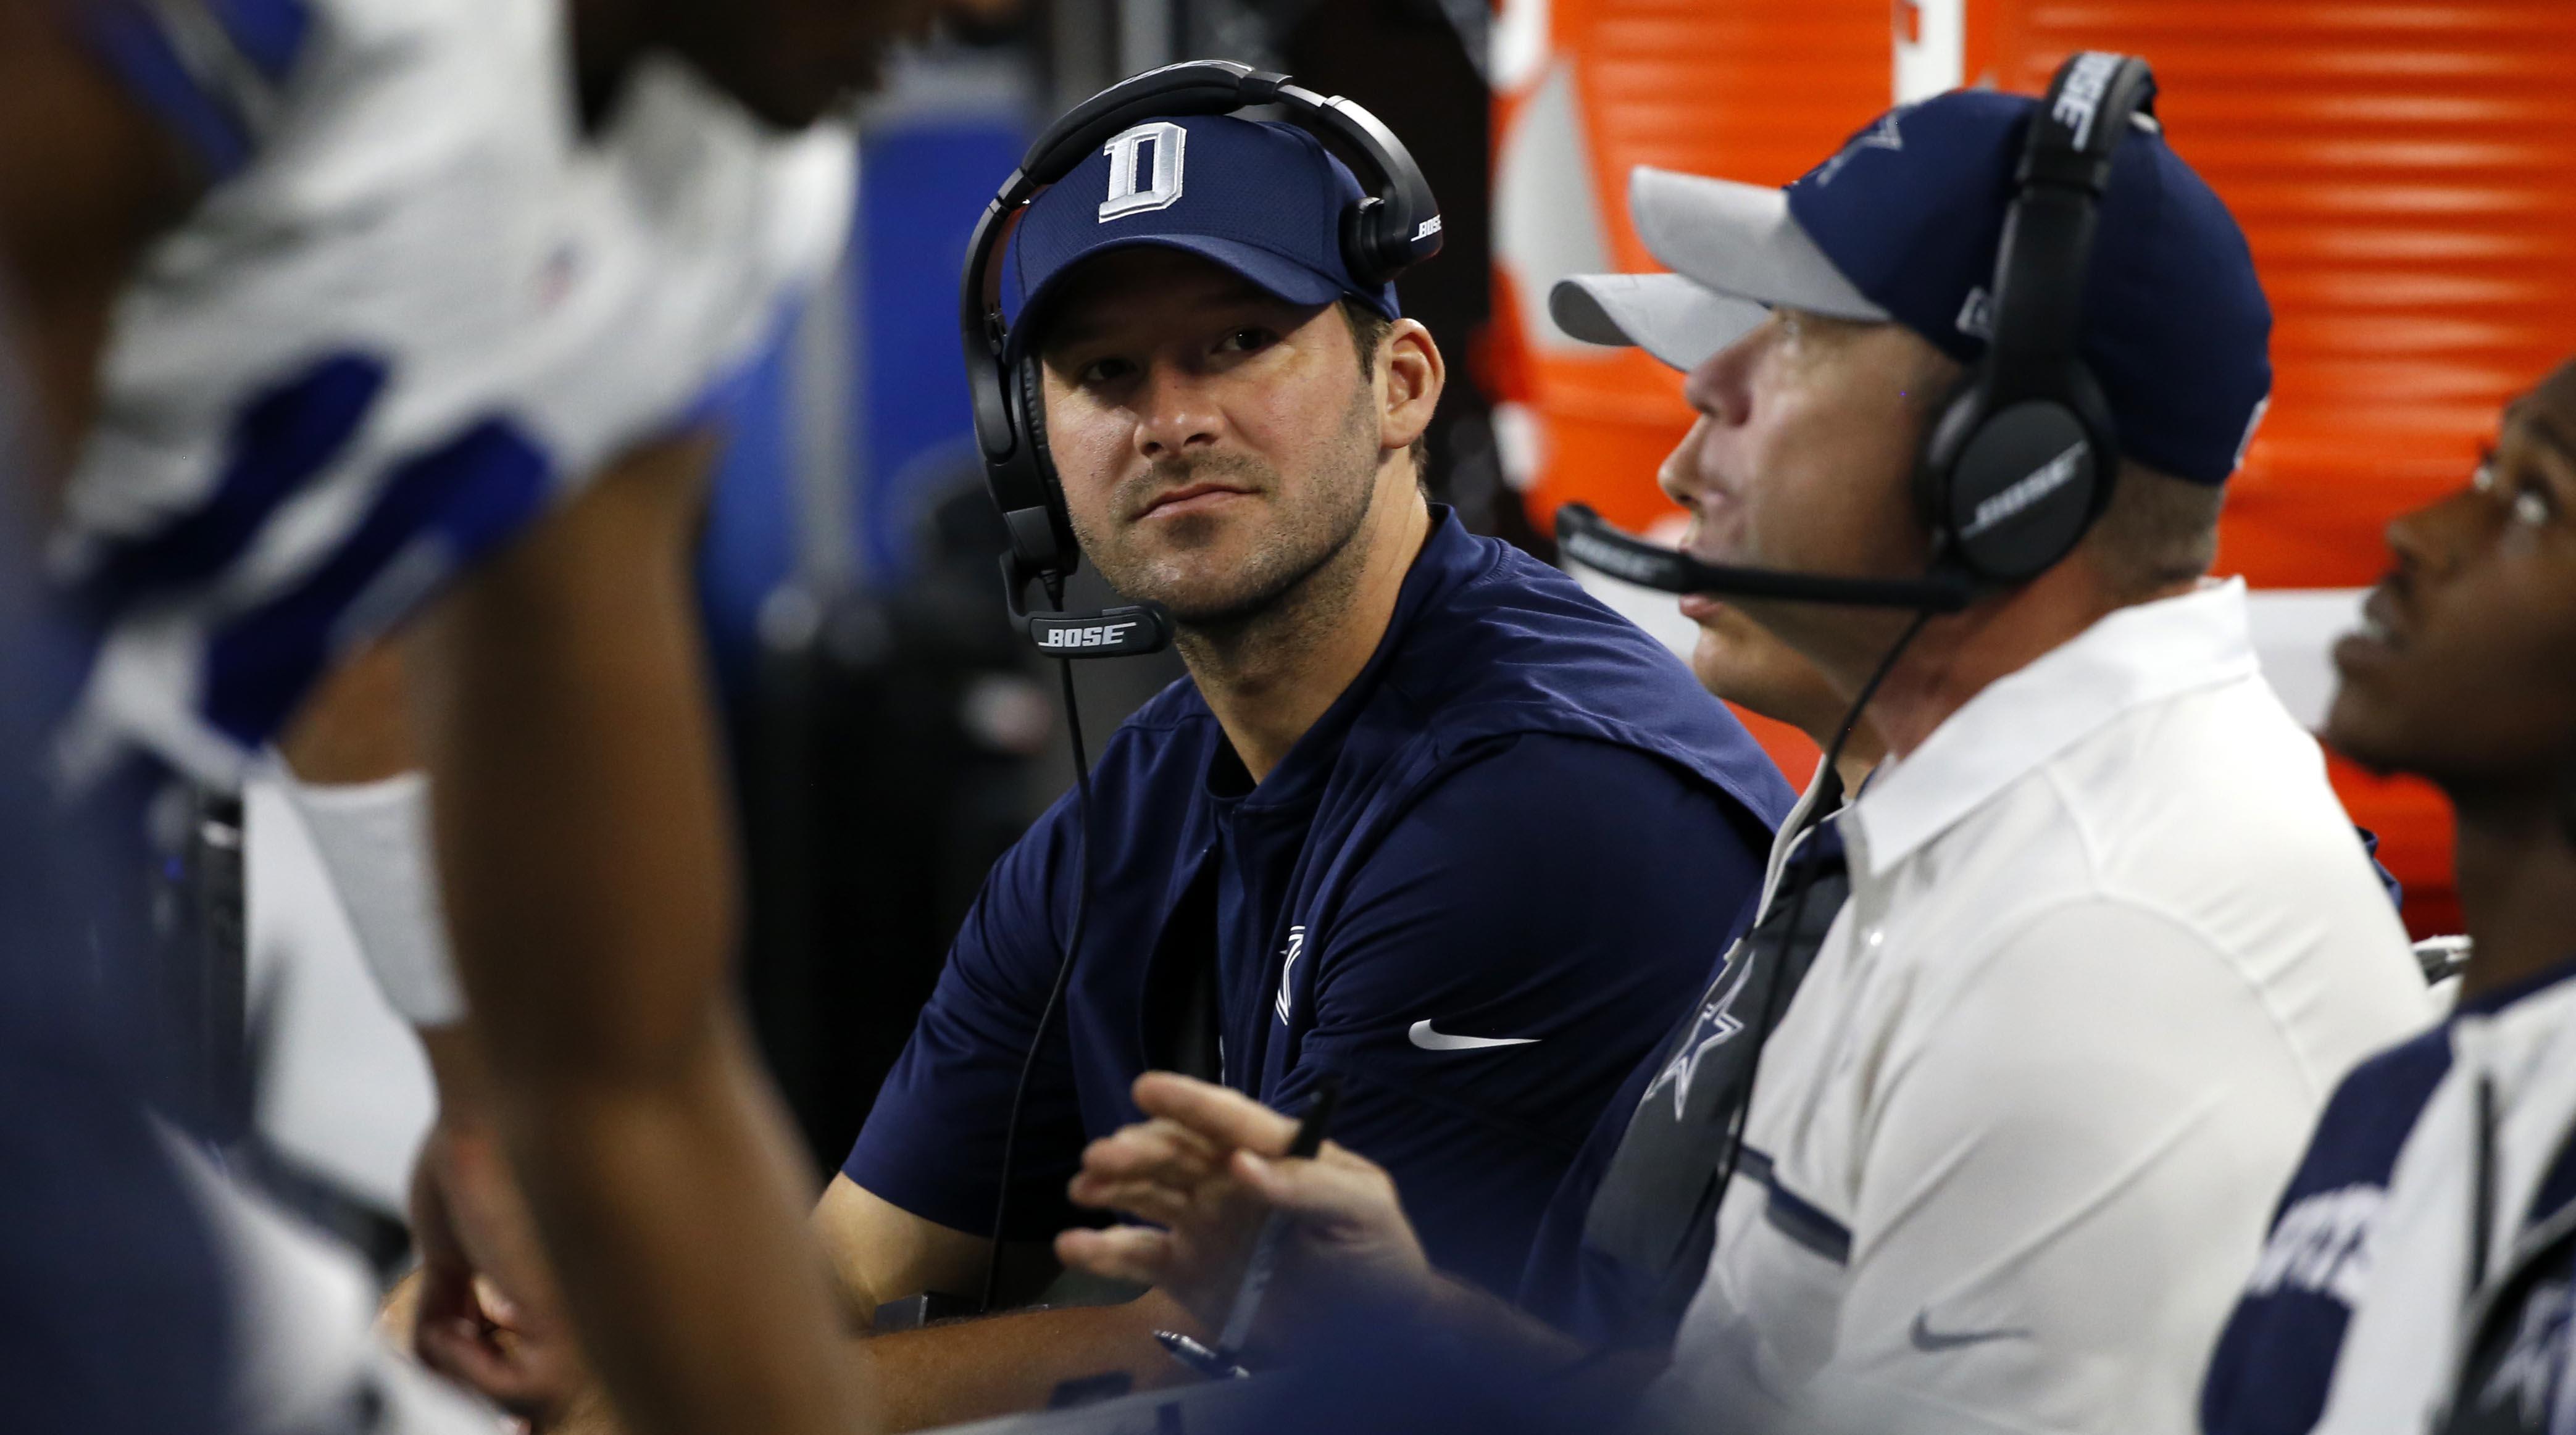 NFL rumors: Week 11 news on injuries, suspensions, more